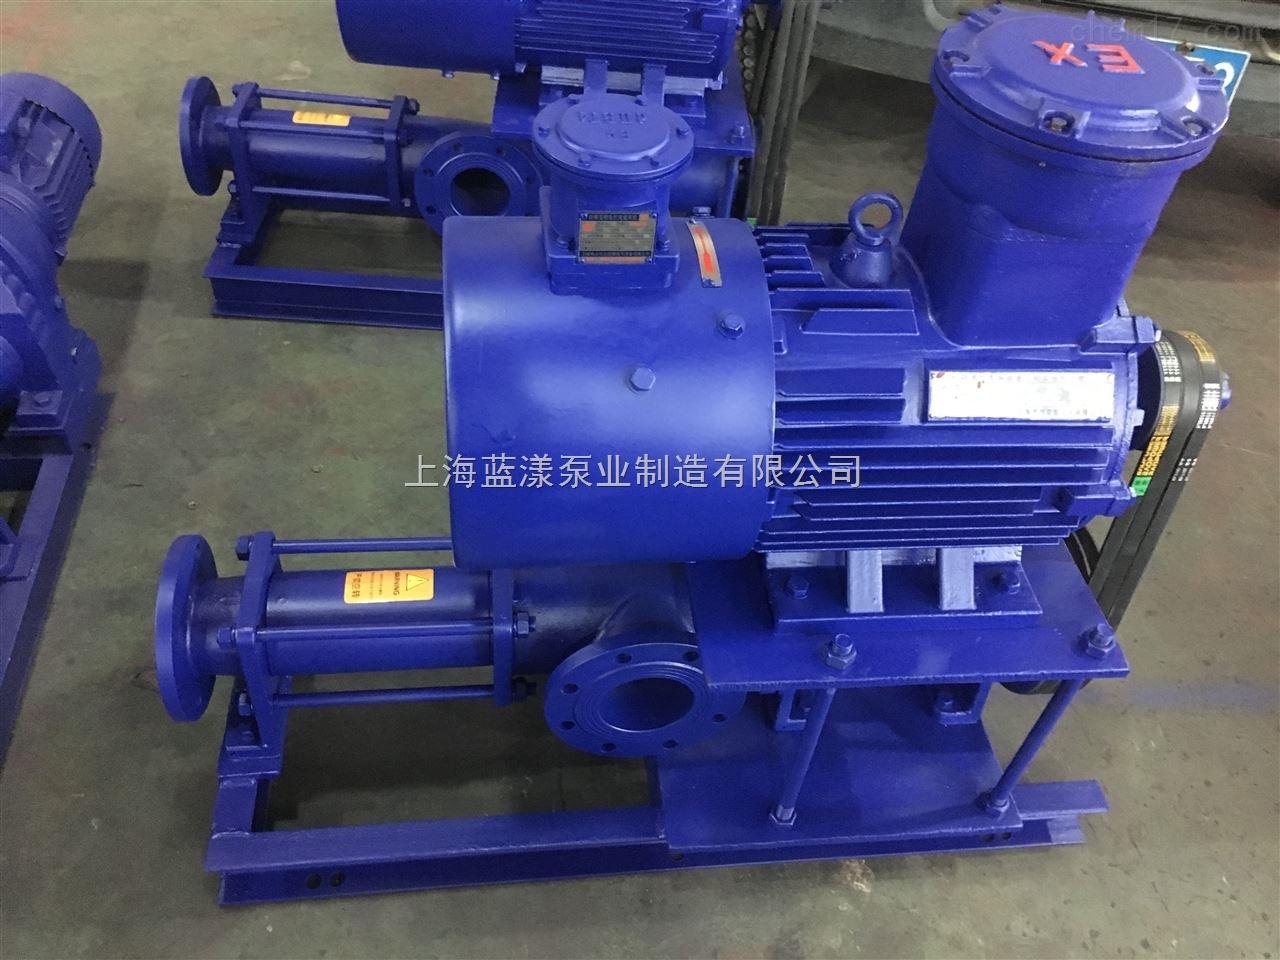 G 型单螺杆泵价格